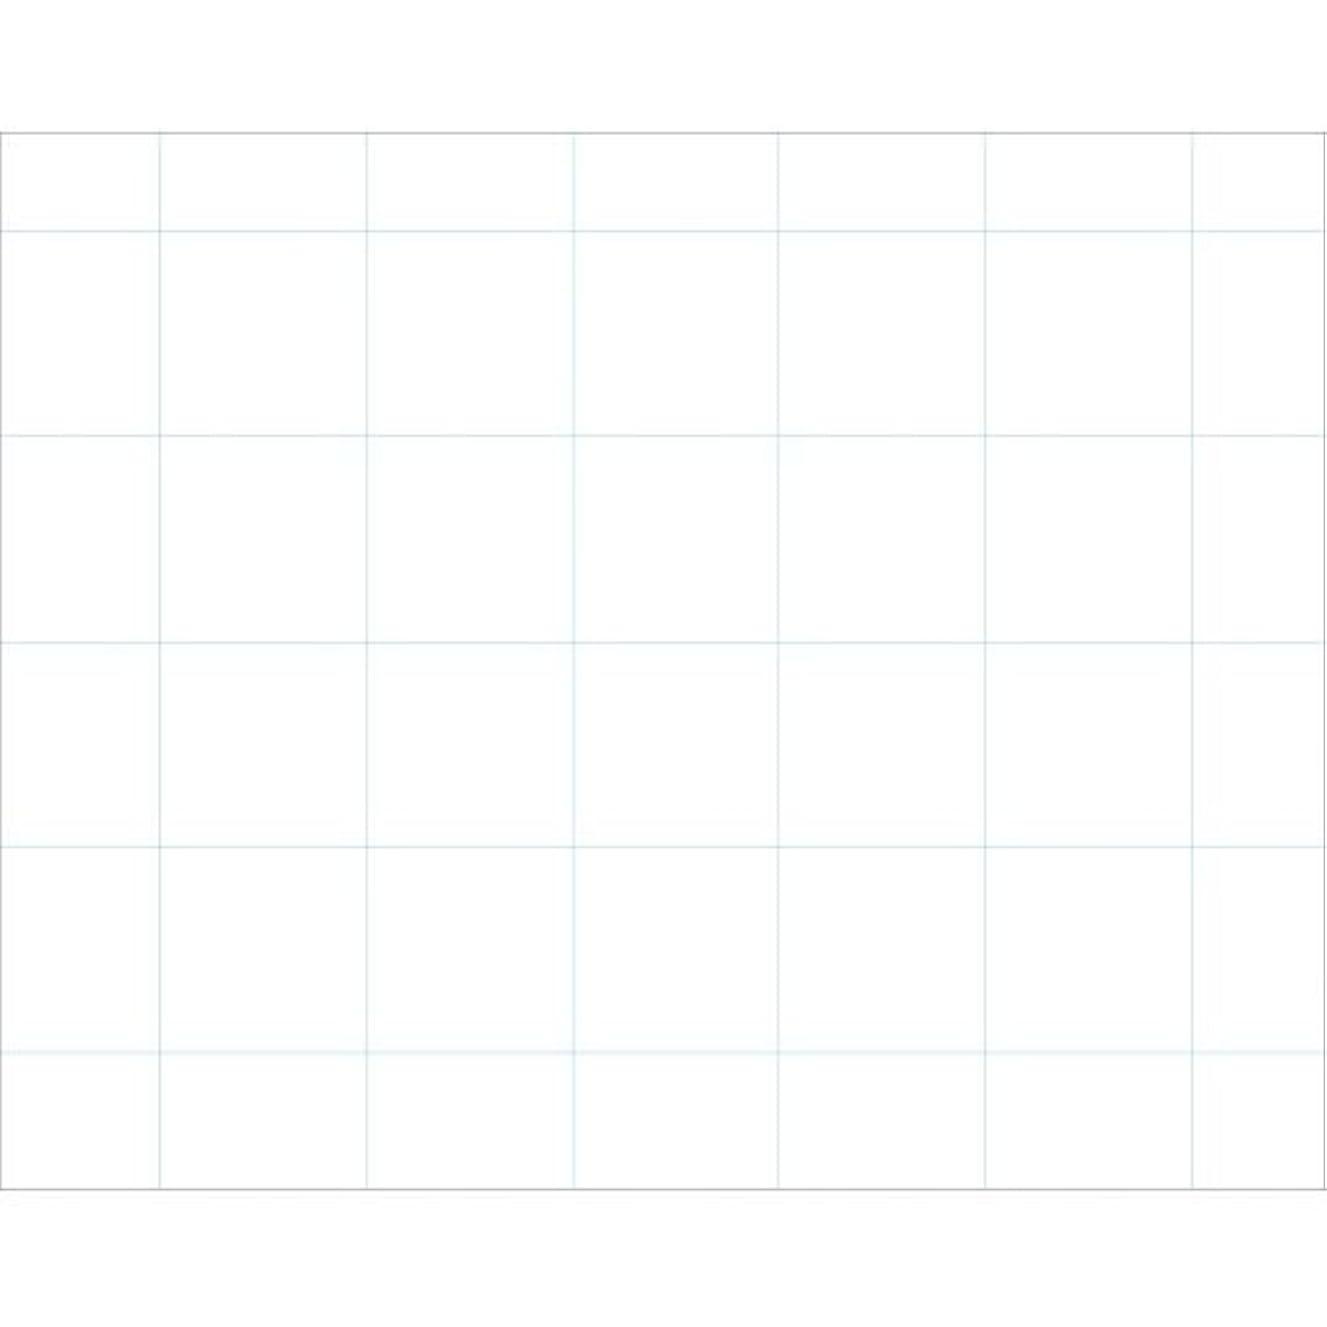 比較的スポーツの試合を担当している人ブレンド正方眼シート(10枚組) A4